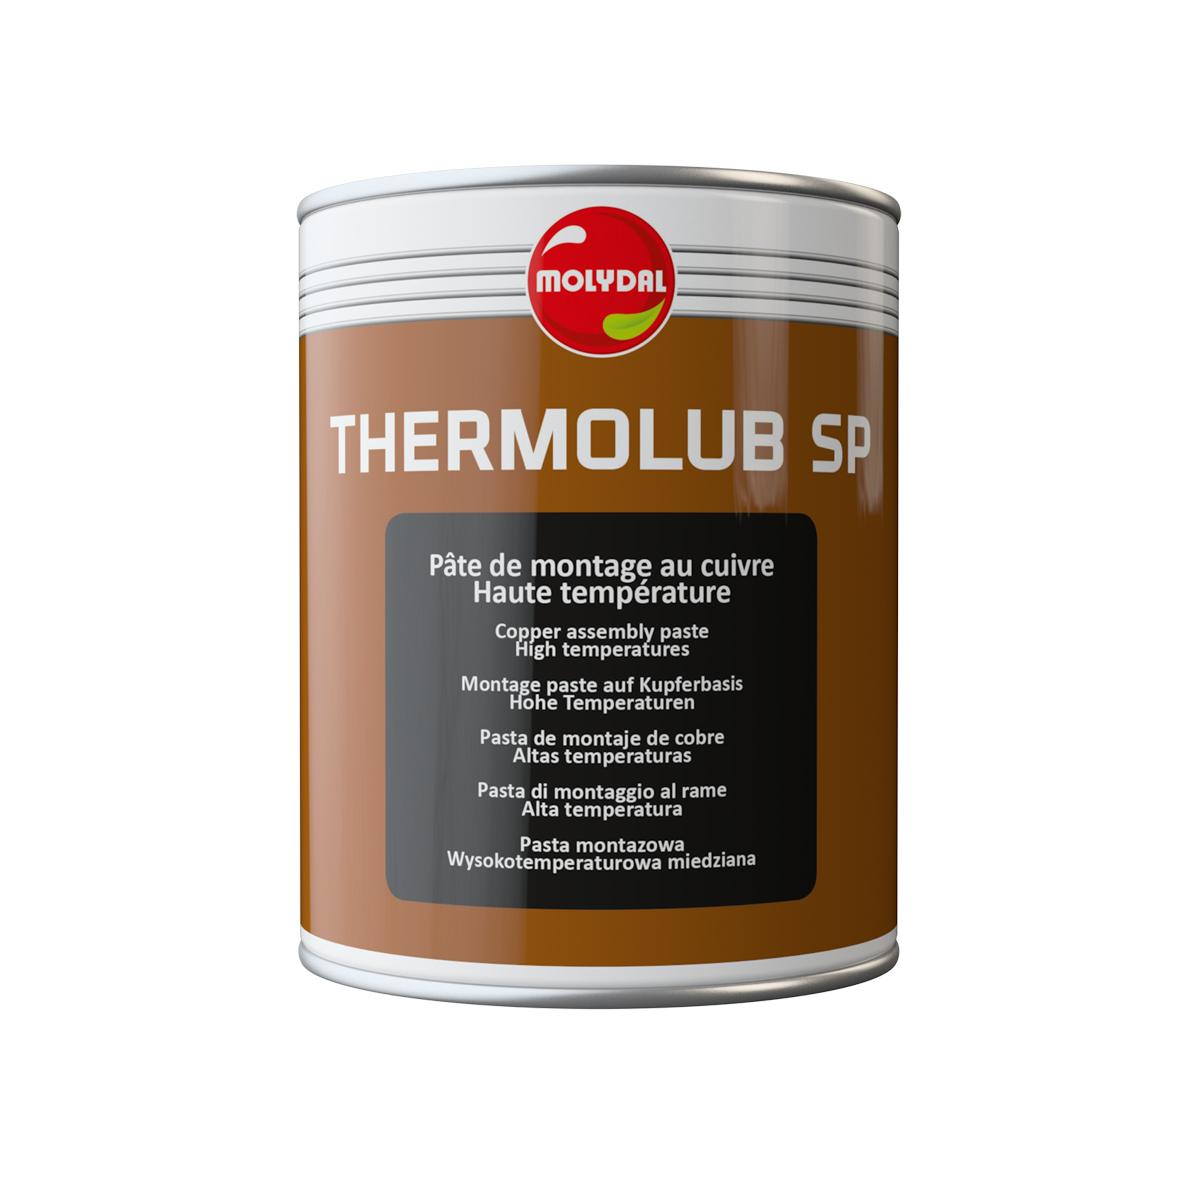 MOLYDAL - Pâte de montage au cuivre haute température : THERMOLUB SP